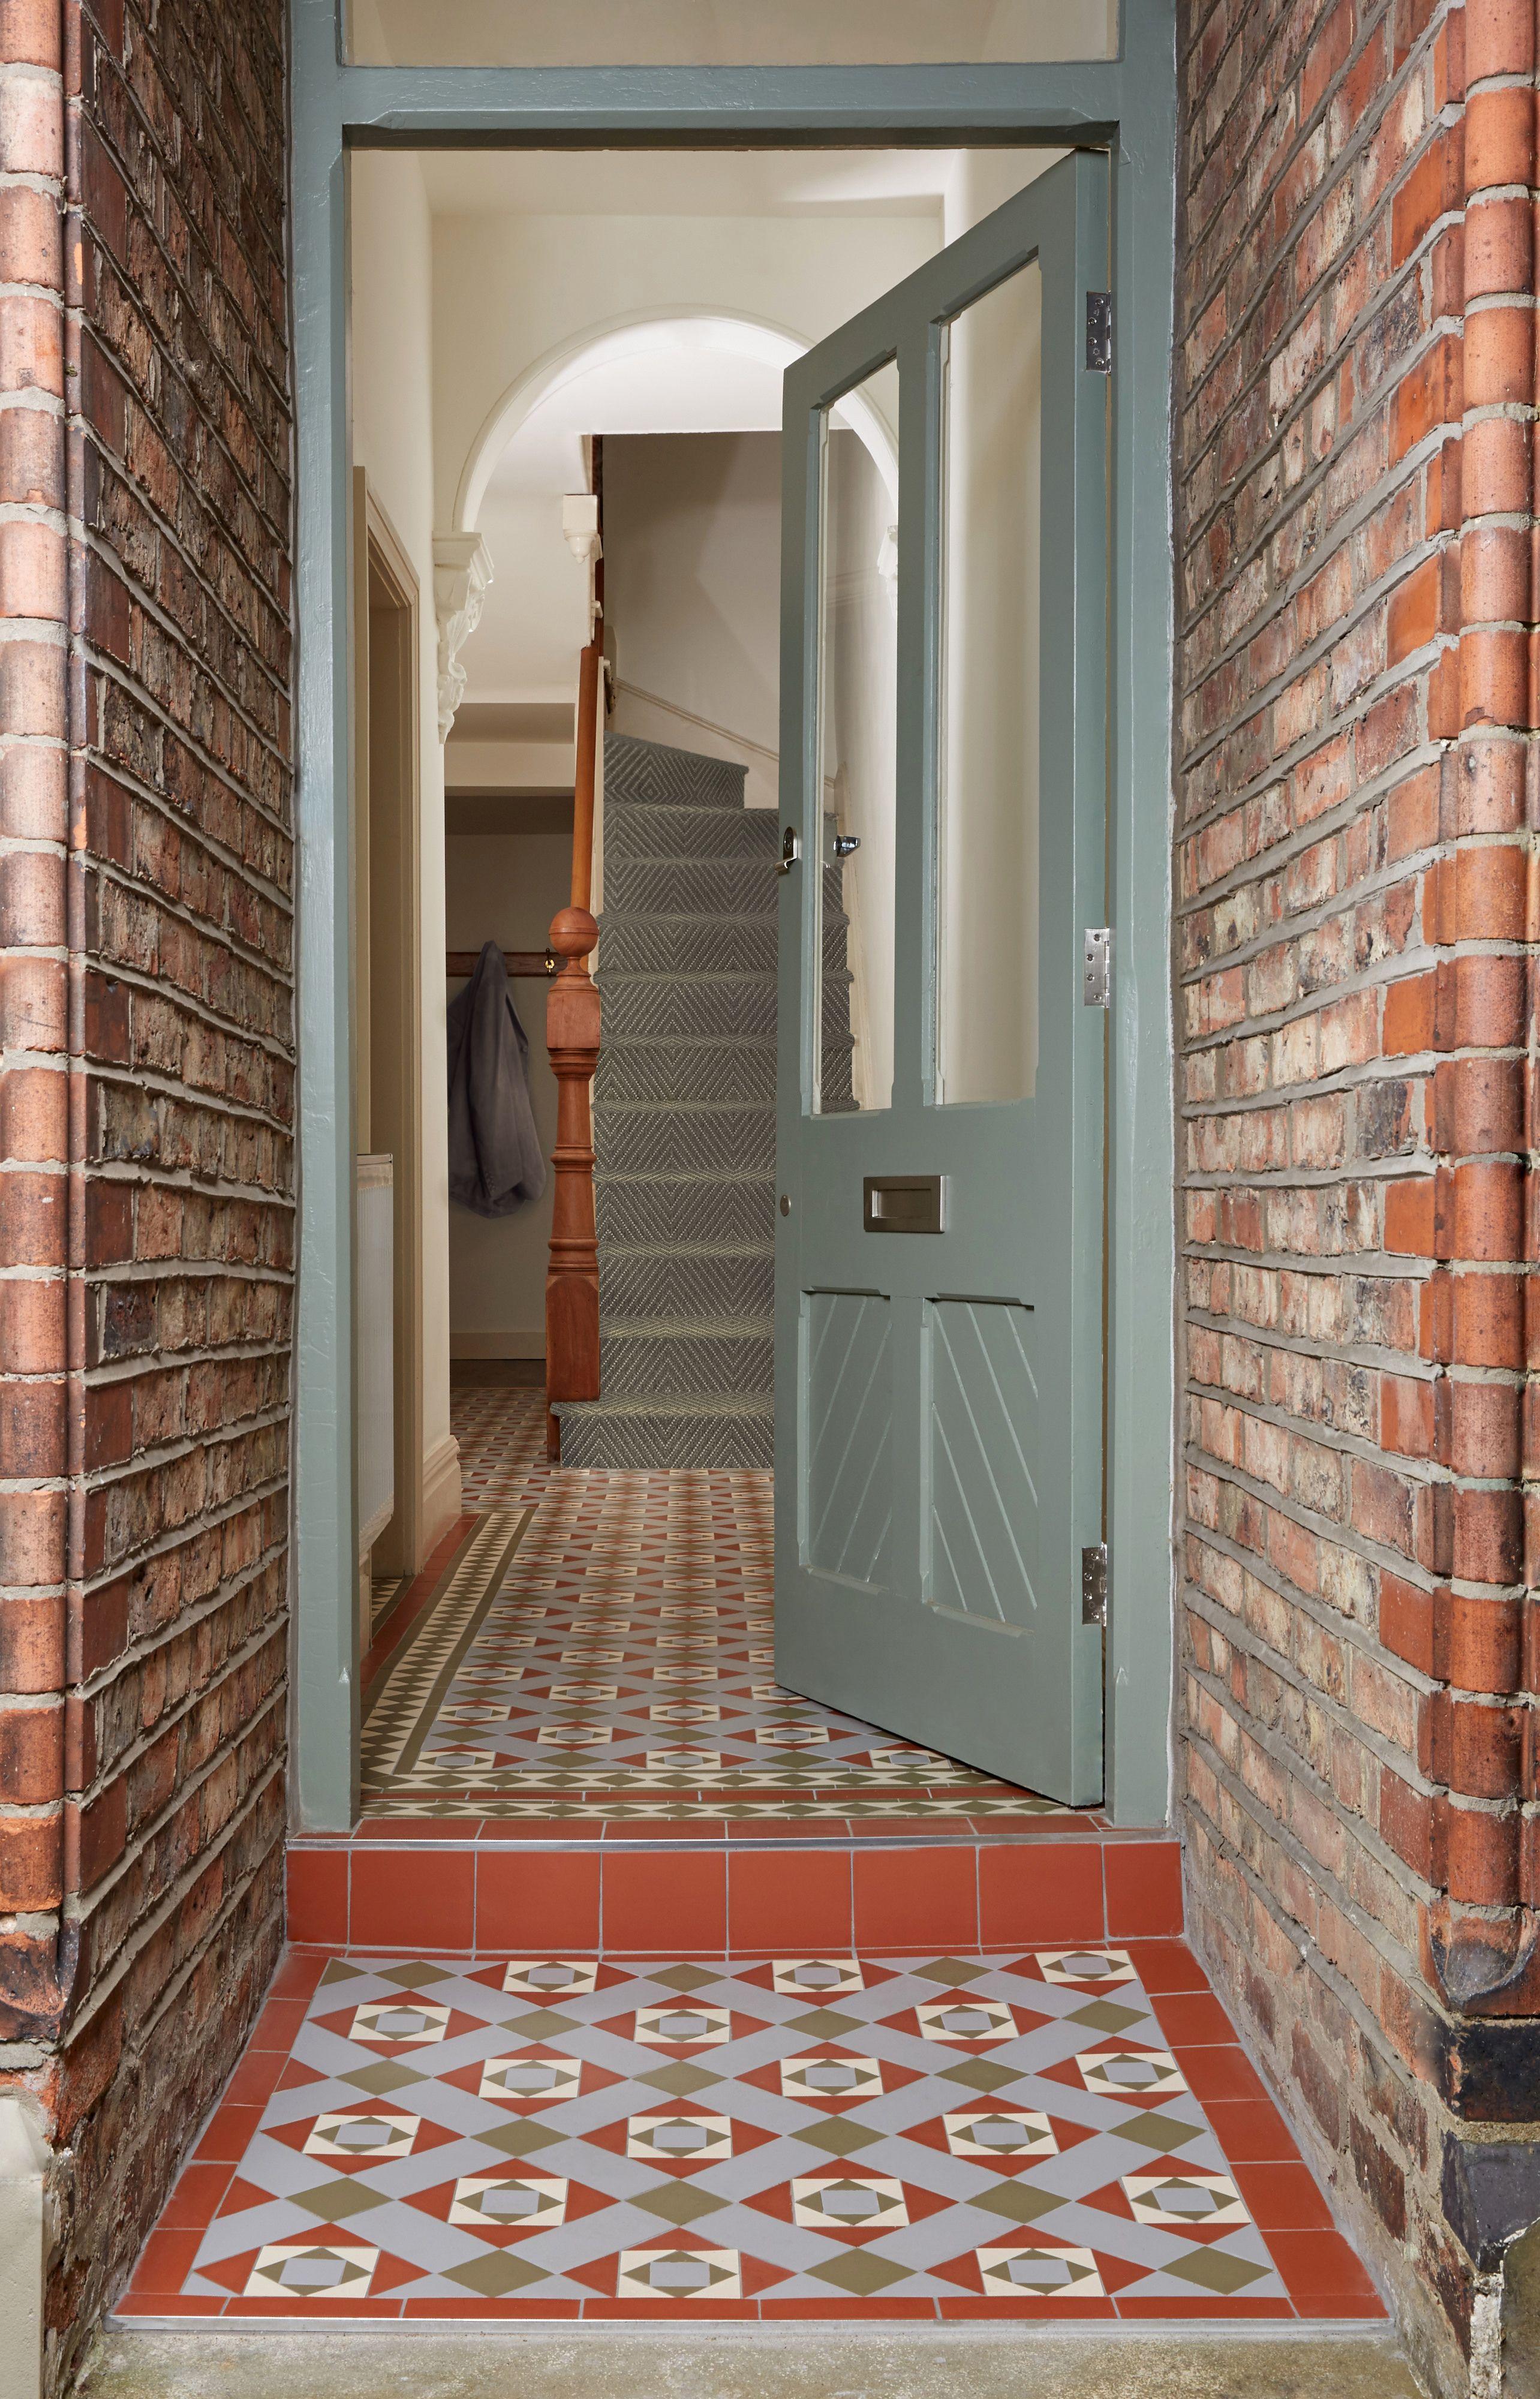 Victorian Floor Tiles Httpstegelsvantoenvloertegels